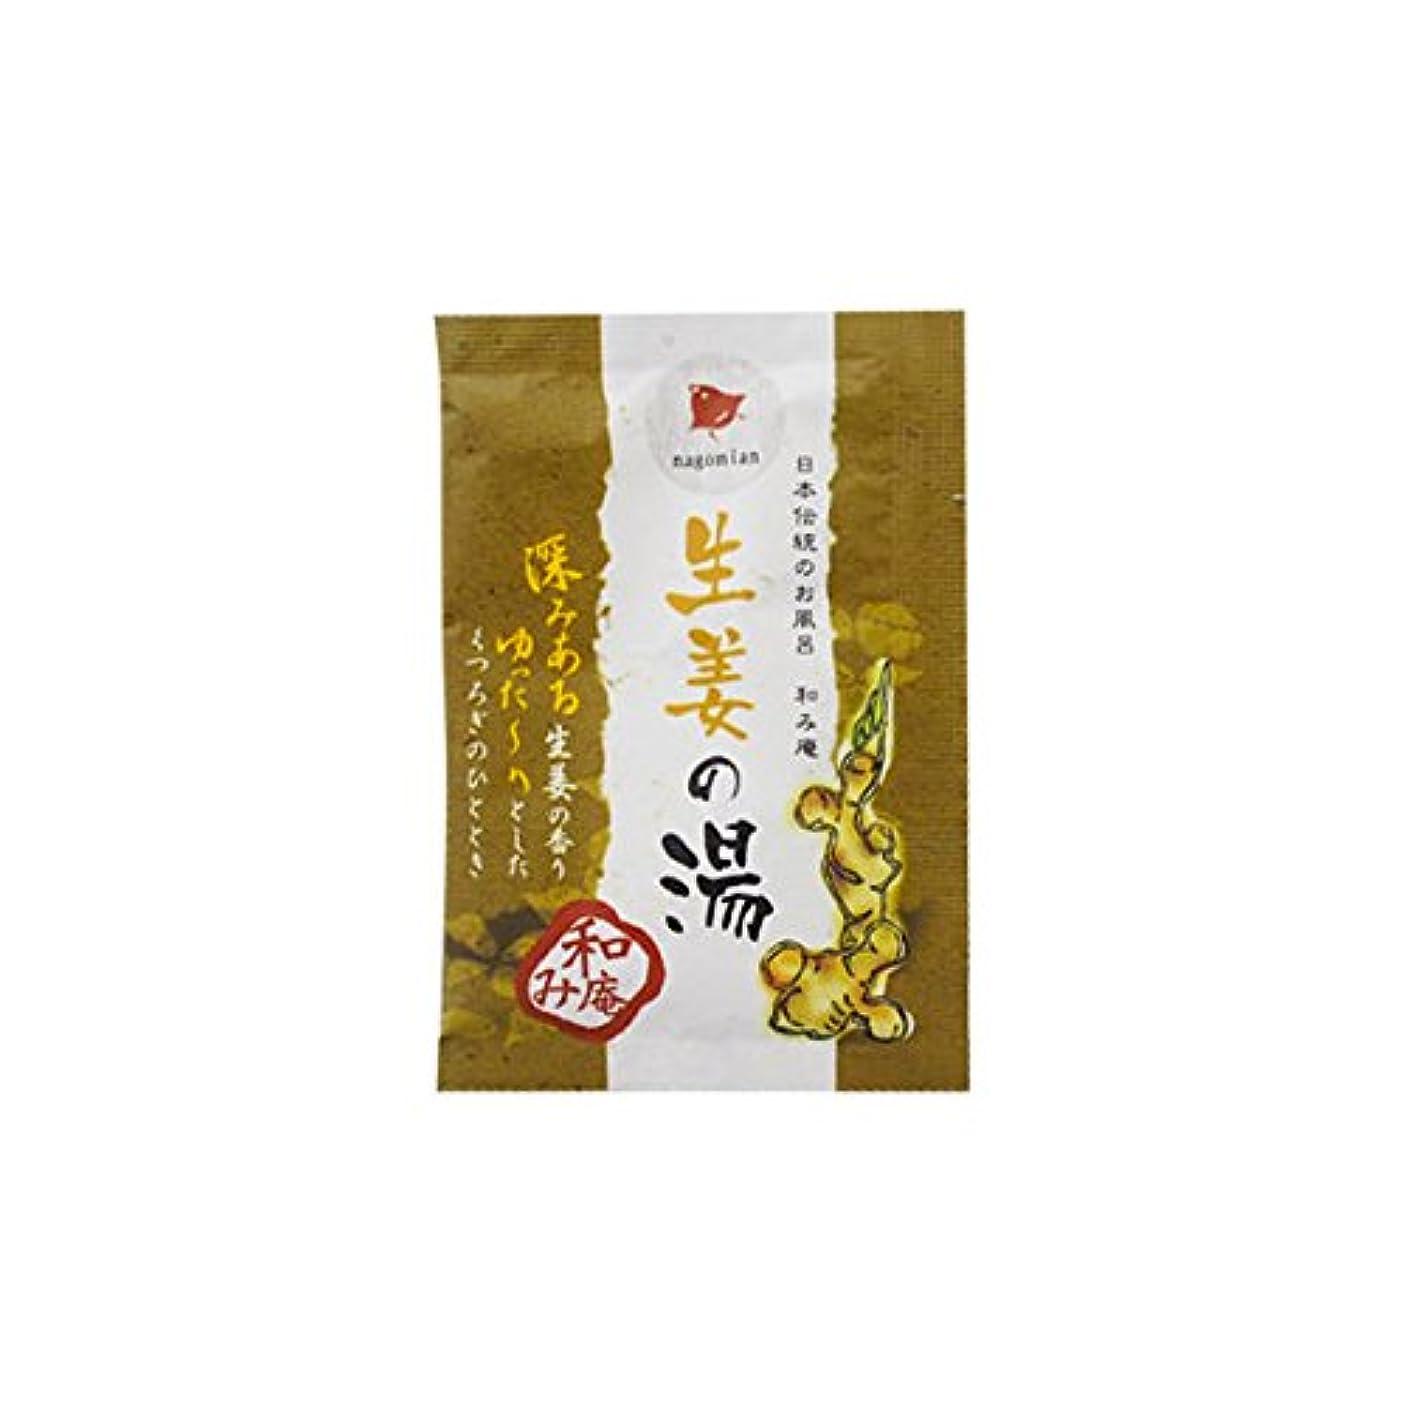 背が高いバタフライ拒絶する和み庵 入浴剤 「生姜の湯」30個